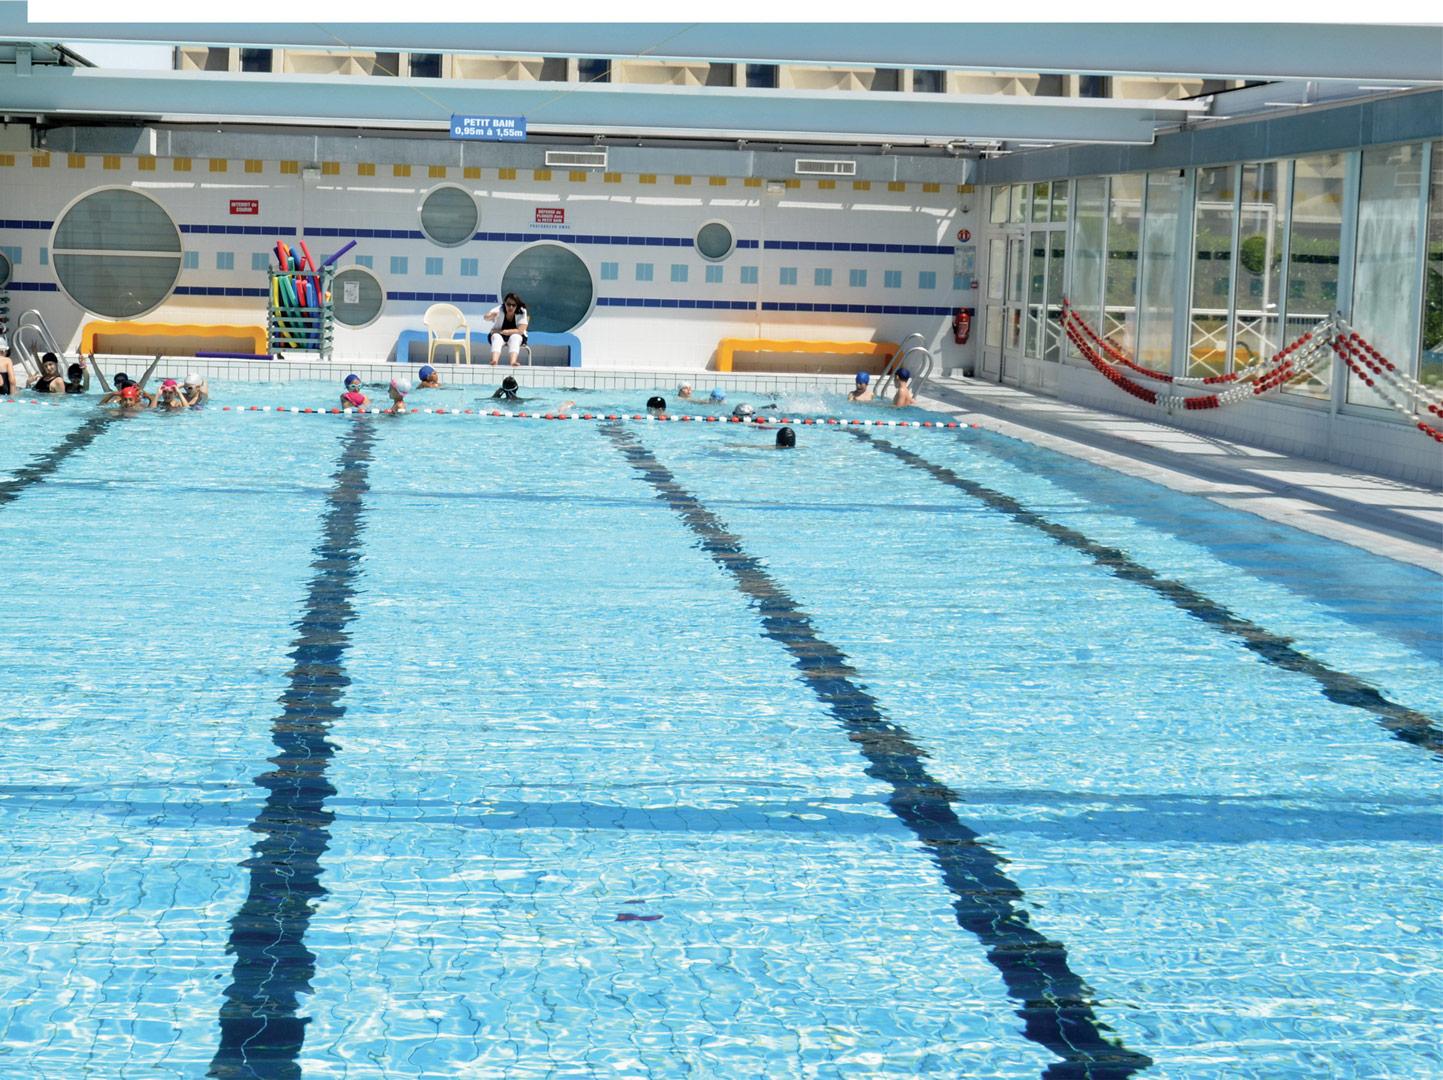 Piscine plein soleil neuilly sur marne for Tarif piscine lievin